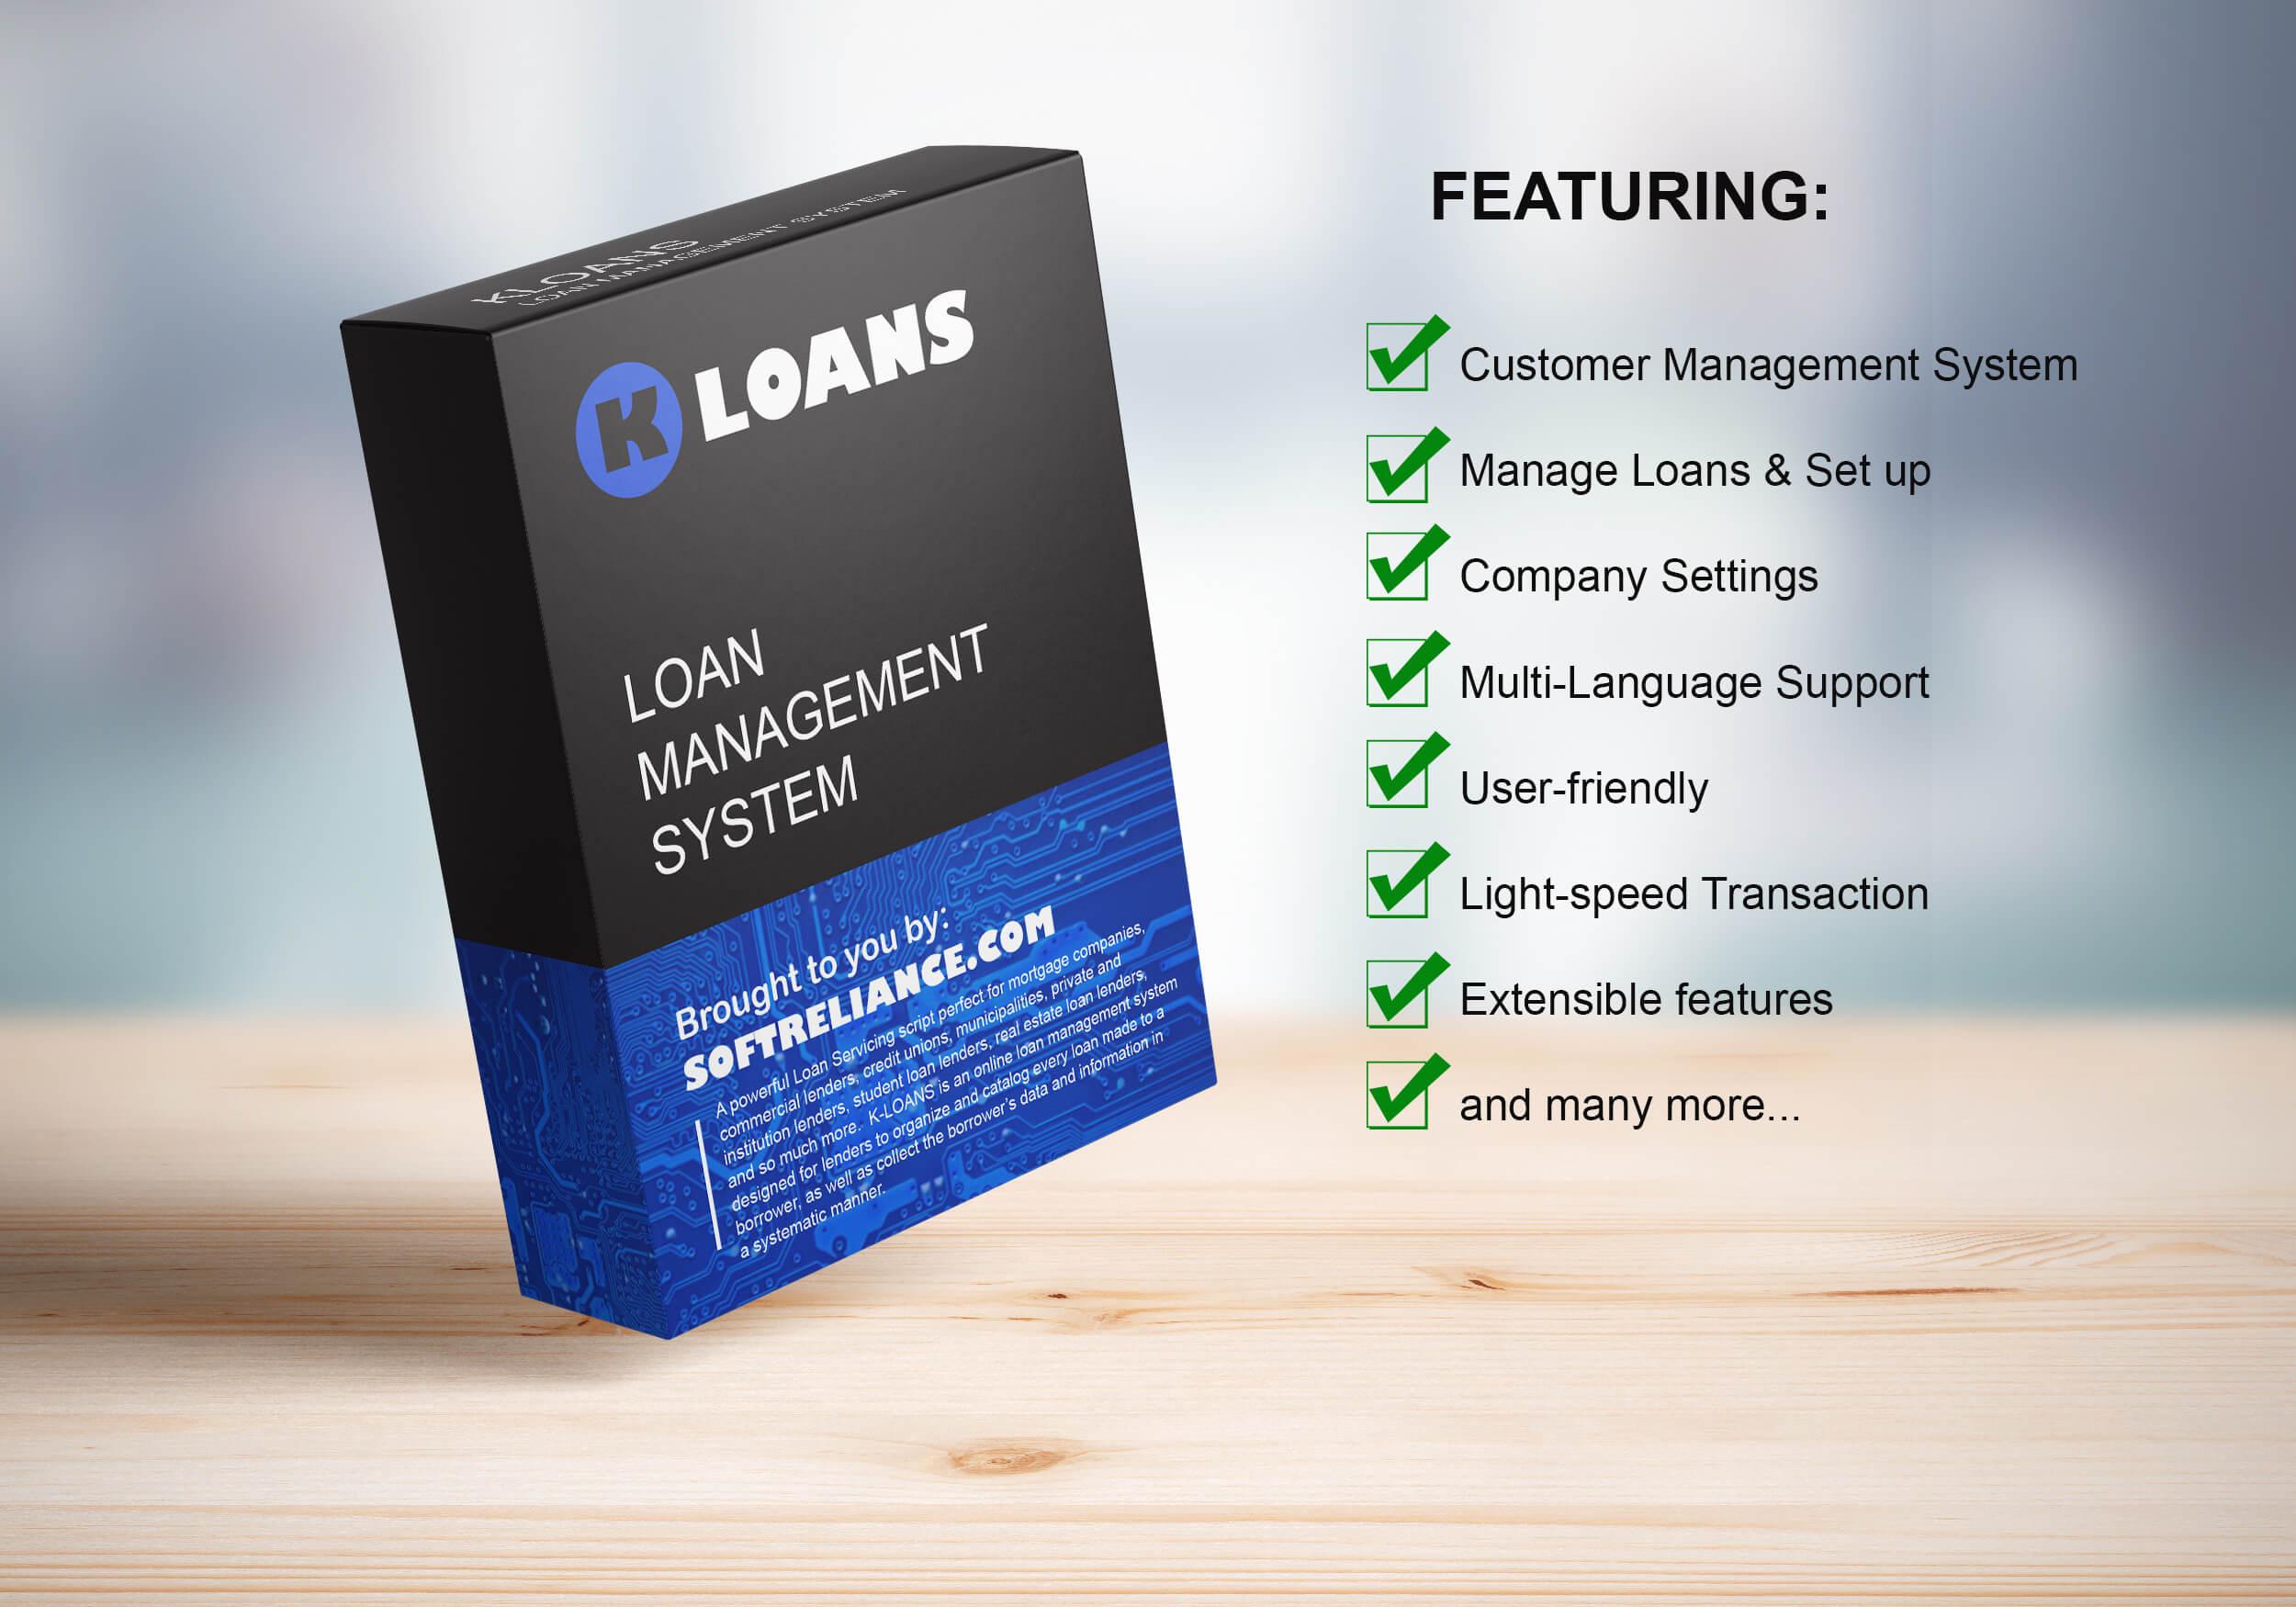 k-loans-main-ads%20(1).jpg